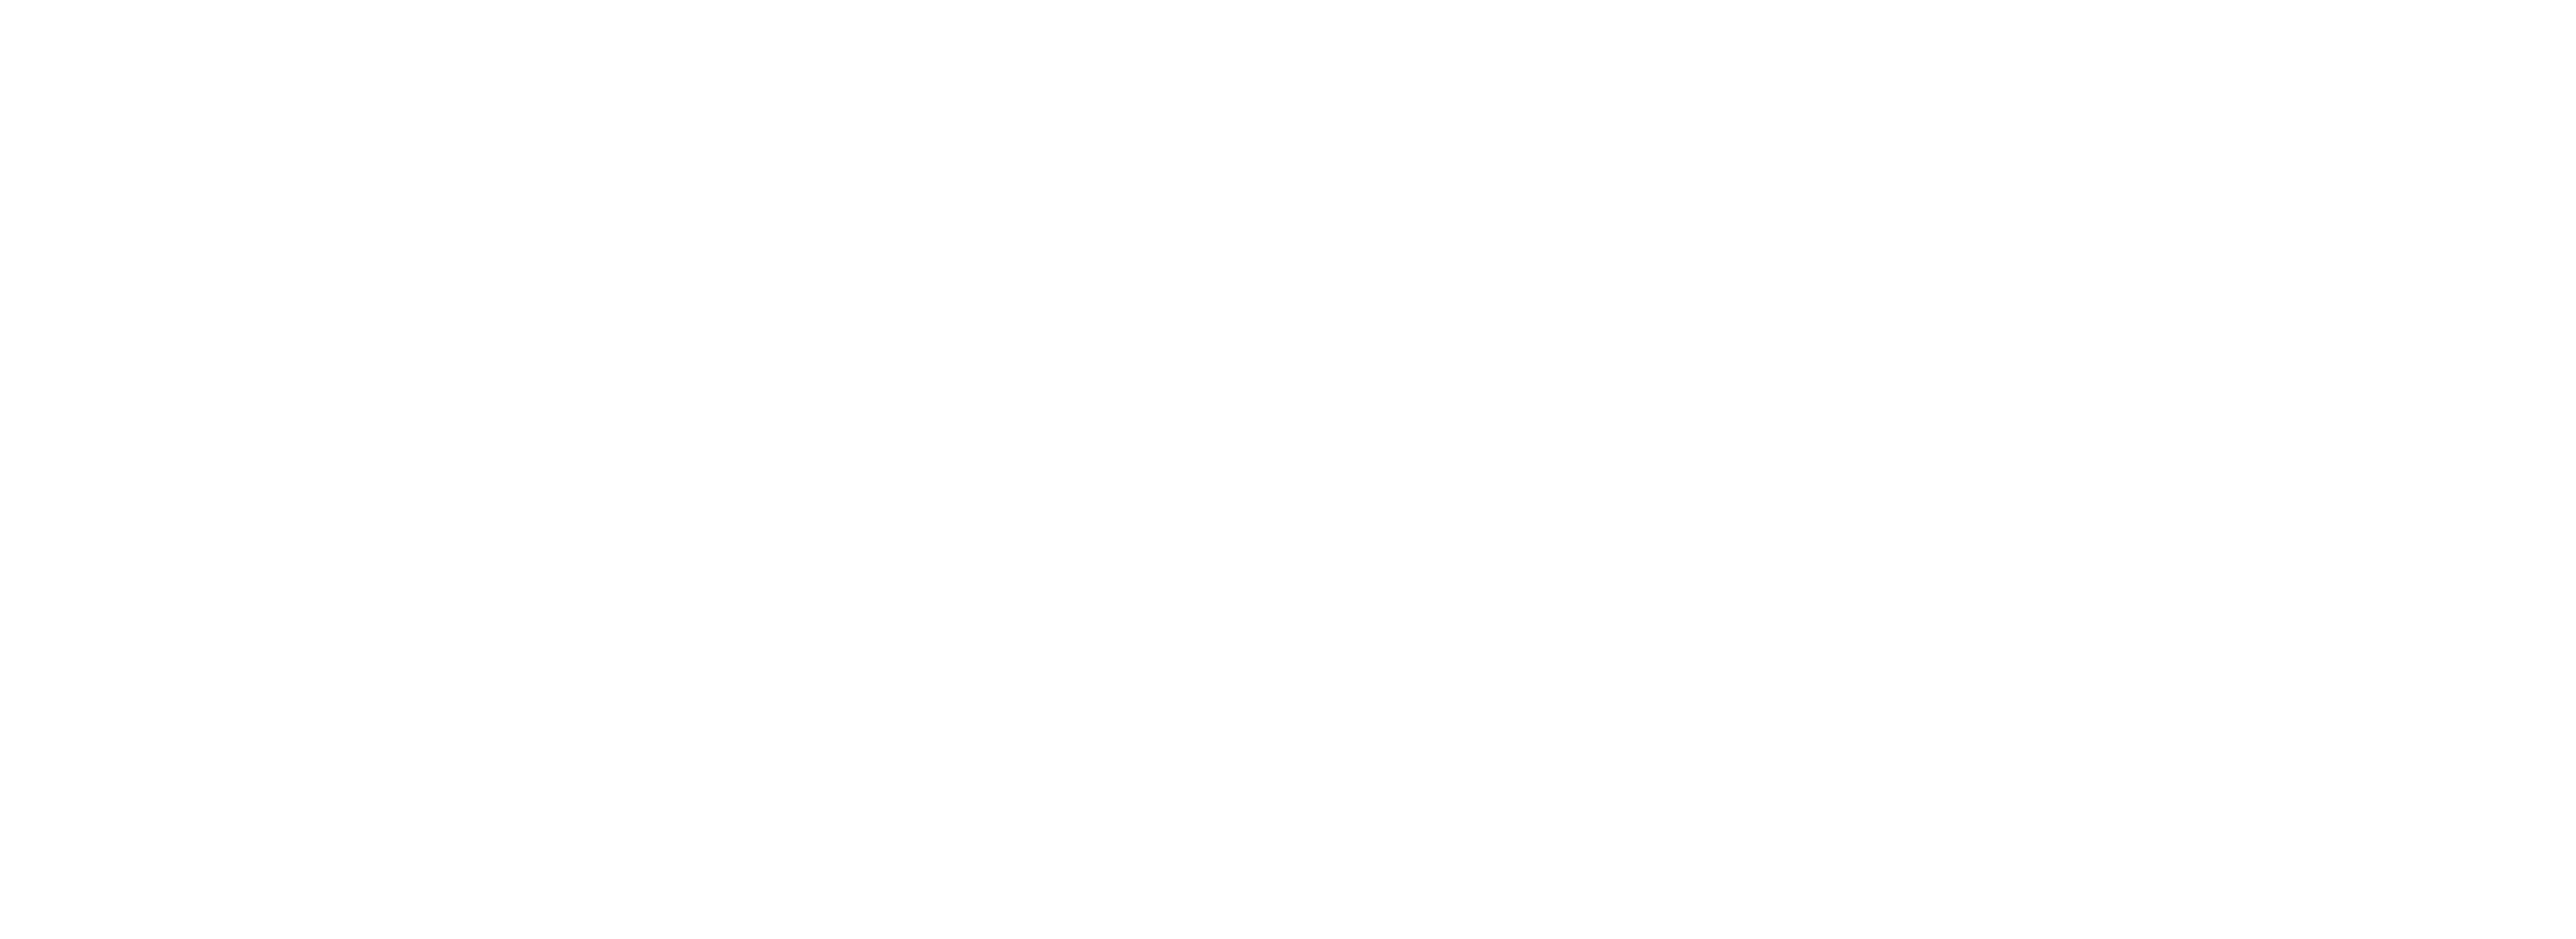 TIGAlogolight